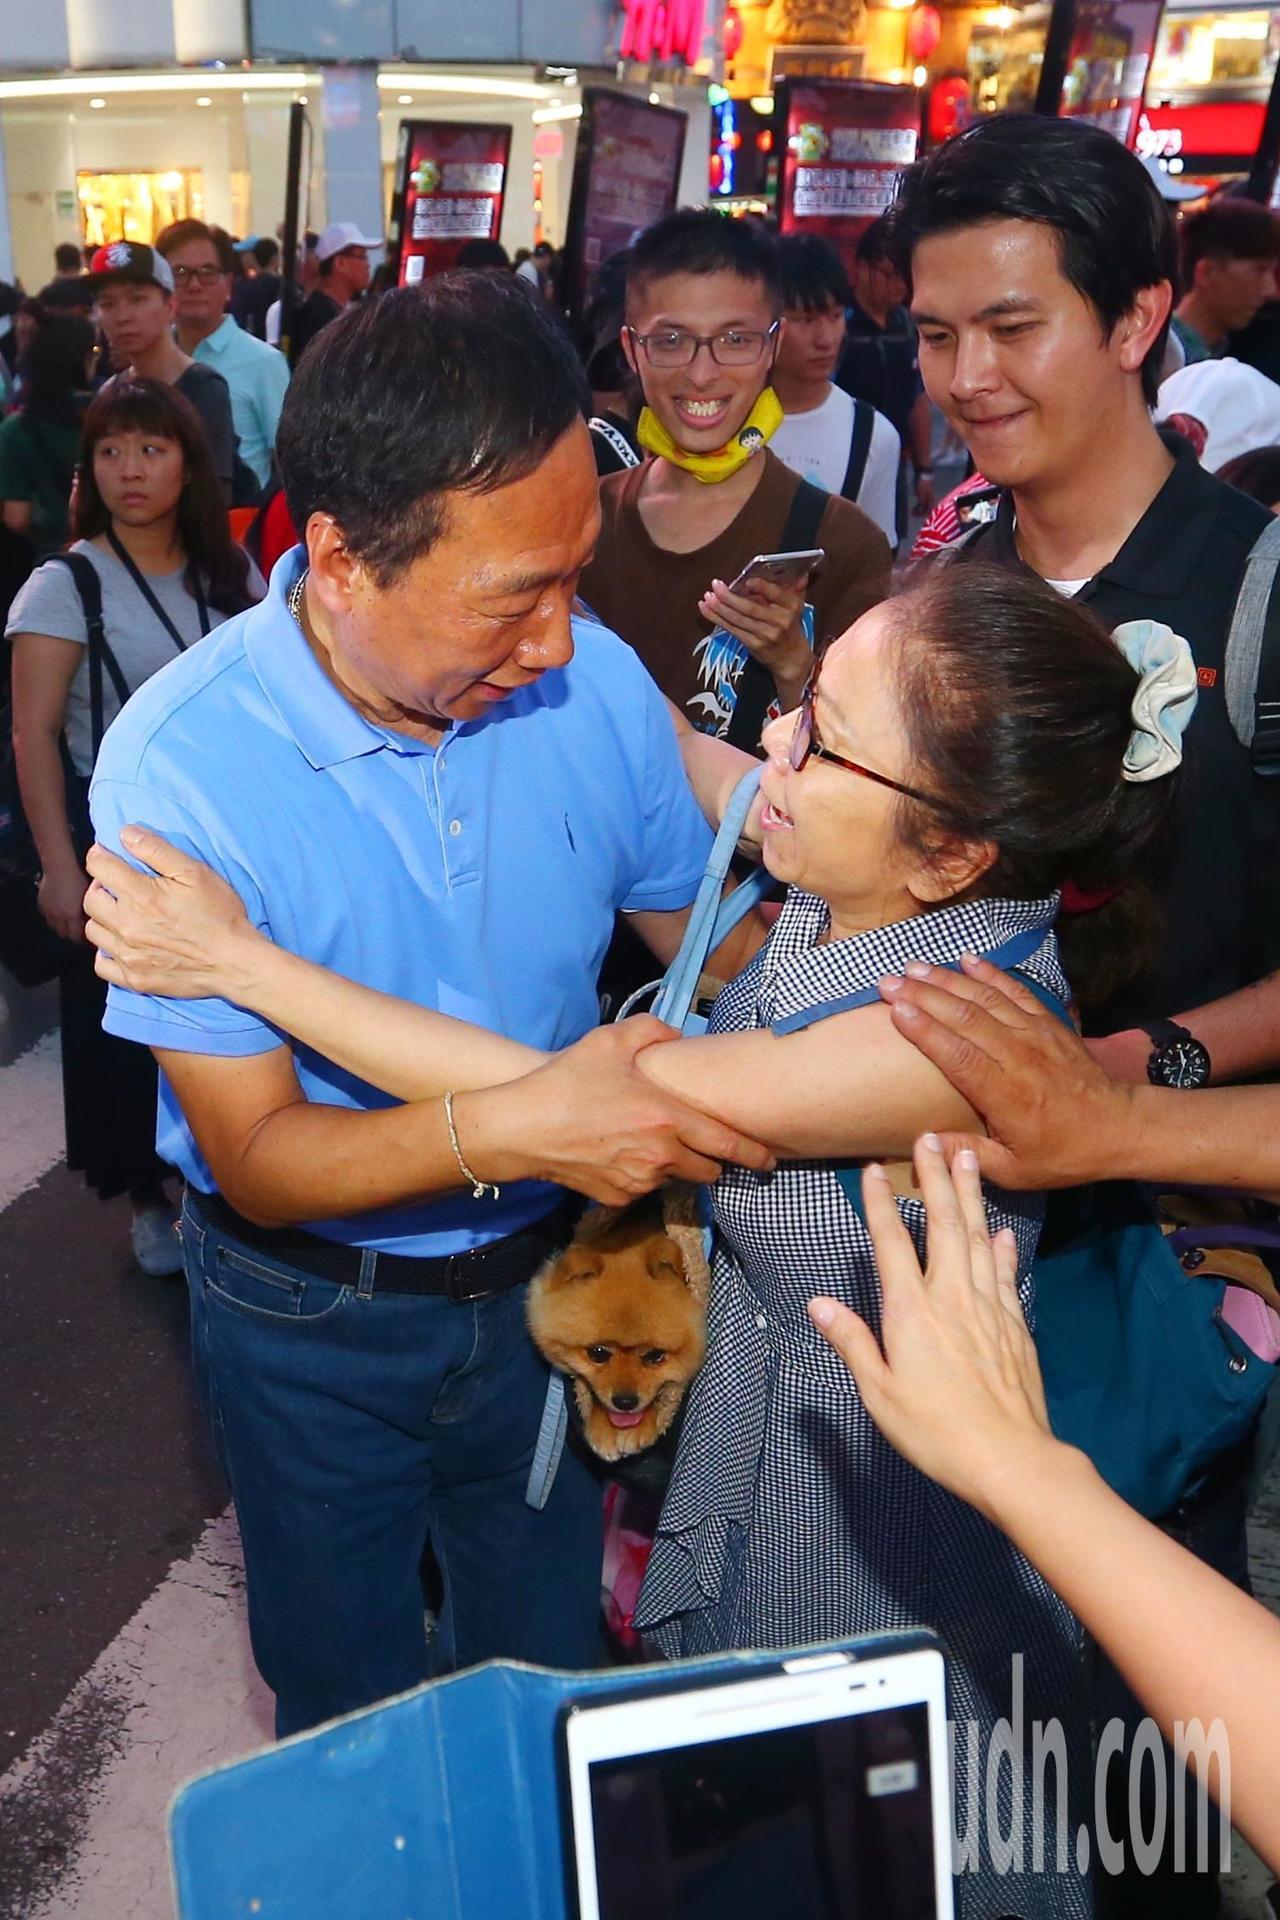 鴻海董事長郭台銘(左)傍晚到西門町發放香包,有熱情民眾上前擁抱。記者王騰毅/攝影